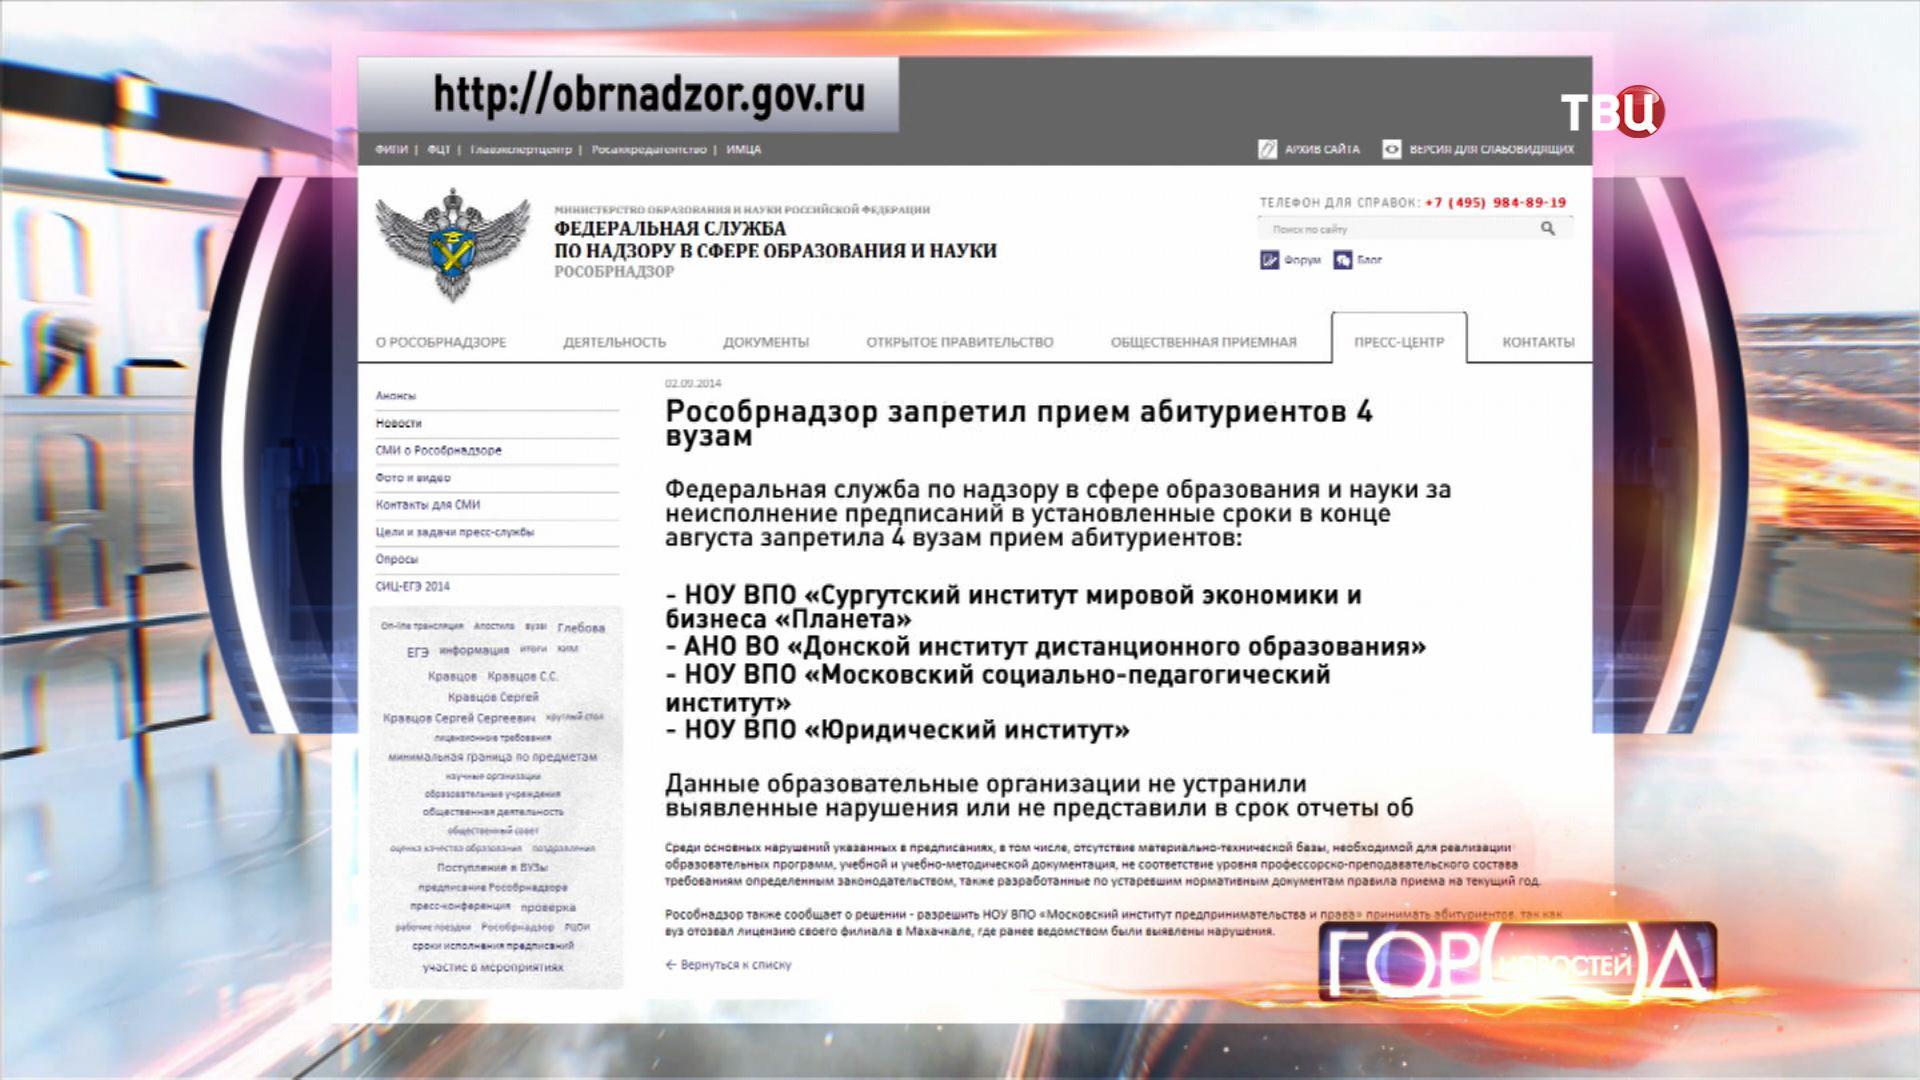 Сайт http://obrnadzor.gov.ru